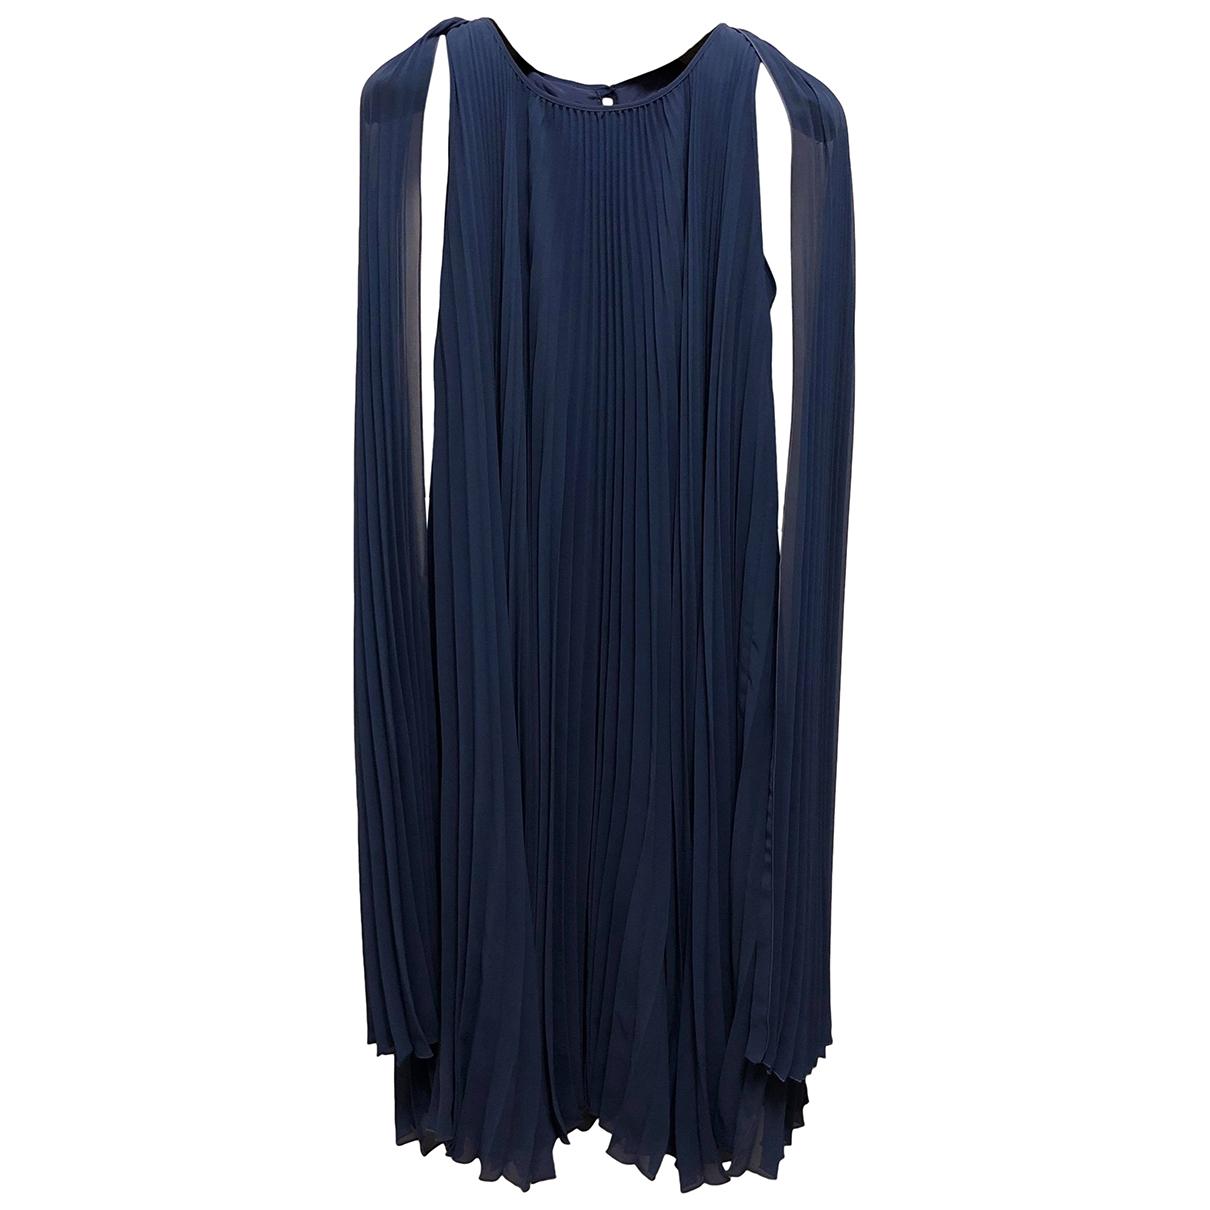 Max Mara \N Kleid in  Blau Polyester